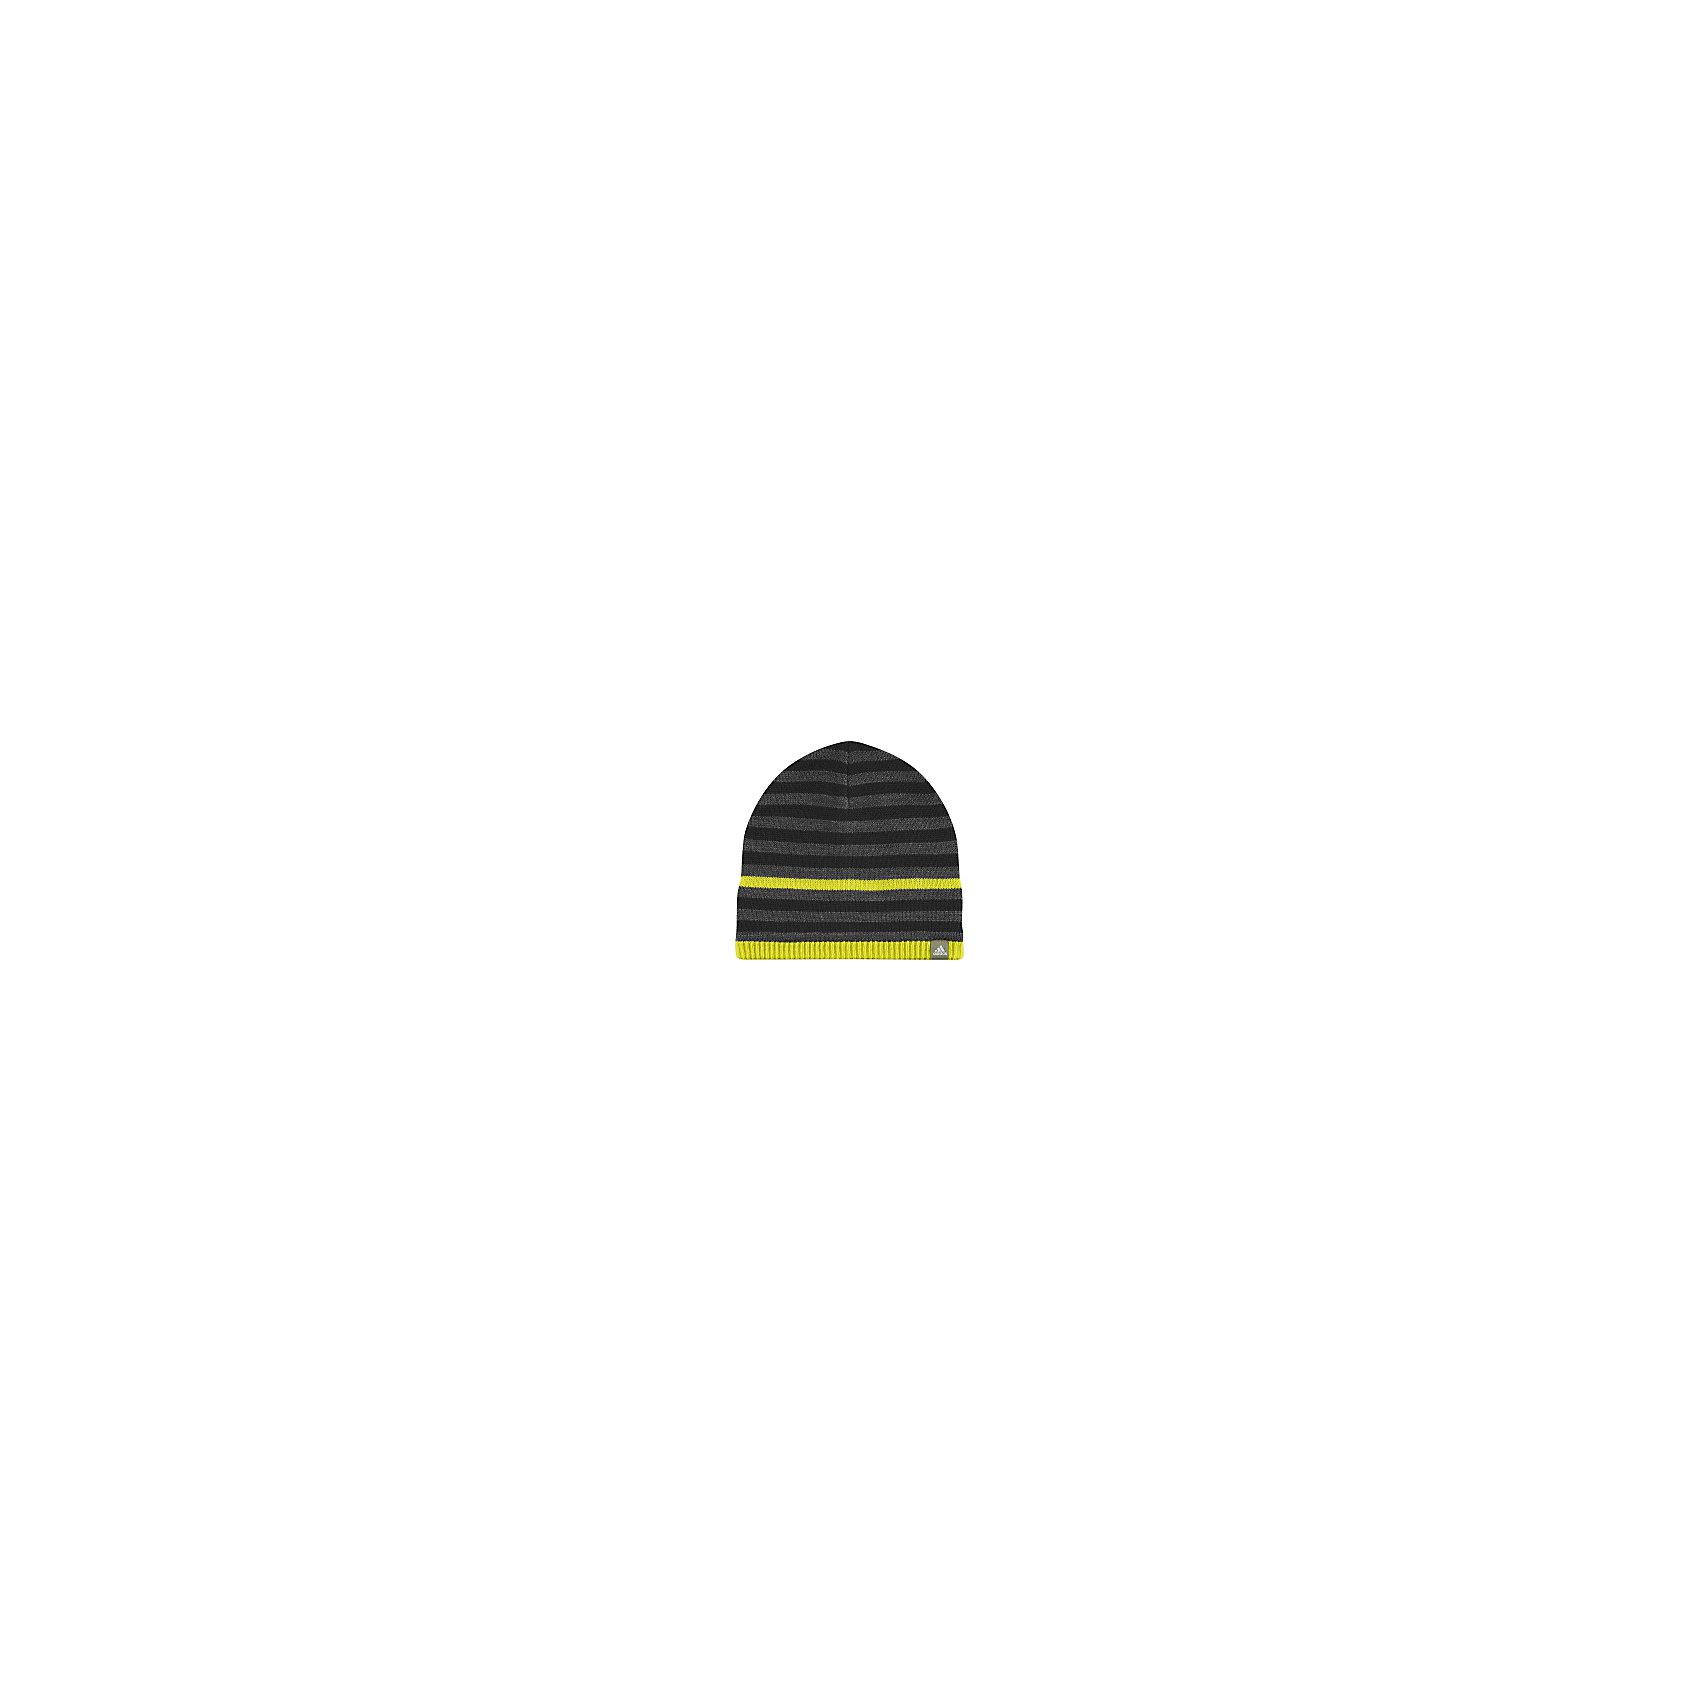 Шапка adidasШапка Аdidas (Адидас).<br><br>Характеристики:<br><br>• Цвет: серый, черный, желтый.<br>• Состав: 100% полиэстер.<br>• Материал: вязаный трикотаж.<br>• Сезон: осень-зима.<br><br>Шапка от известного бренда Adidas станет удачным дополнением к гардеробу вашего мальчика. Утепленная шапка на флисовой подкладке надежно защищает ребенка в осенне-зимний период, когда на улице холодно и дует ветер. Полосатый принт шапки выгодно выделяет шапку среди других моделей. Еще одна особенность - это технология climawarm™, которая особо важна при тренировках, поскольку позволяет уходить влаге, одновременно сохраняя тепло. В такой шапочке ваш ребенок будет чувствовать себя удобно и комфортно на занятиях спортом и просто на прогулке.<br>Пусть ваши дети занимаются спортом с комфортом!<br><br>Шапку  Adidas (Адидас), можно купить в нашем интернет – магазине.<br><br>Ширина мм: 89<br>Глубина мм: 117<br>Высота мм: 44<br>Вес г: 155<br>Цвет: черный<br>Возраст от месяцев: 48<br>Возраст до месяцев: 60<br>Пол: Мужской<br>Возраст: Детский<br>Размер: 51-53,54<br>SKU: 5003640